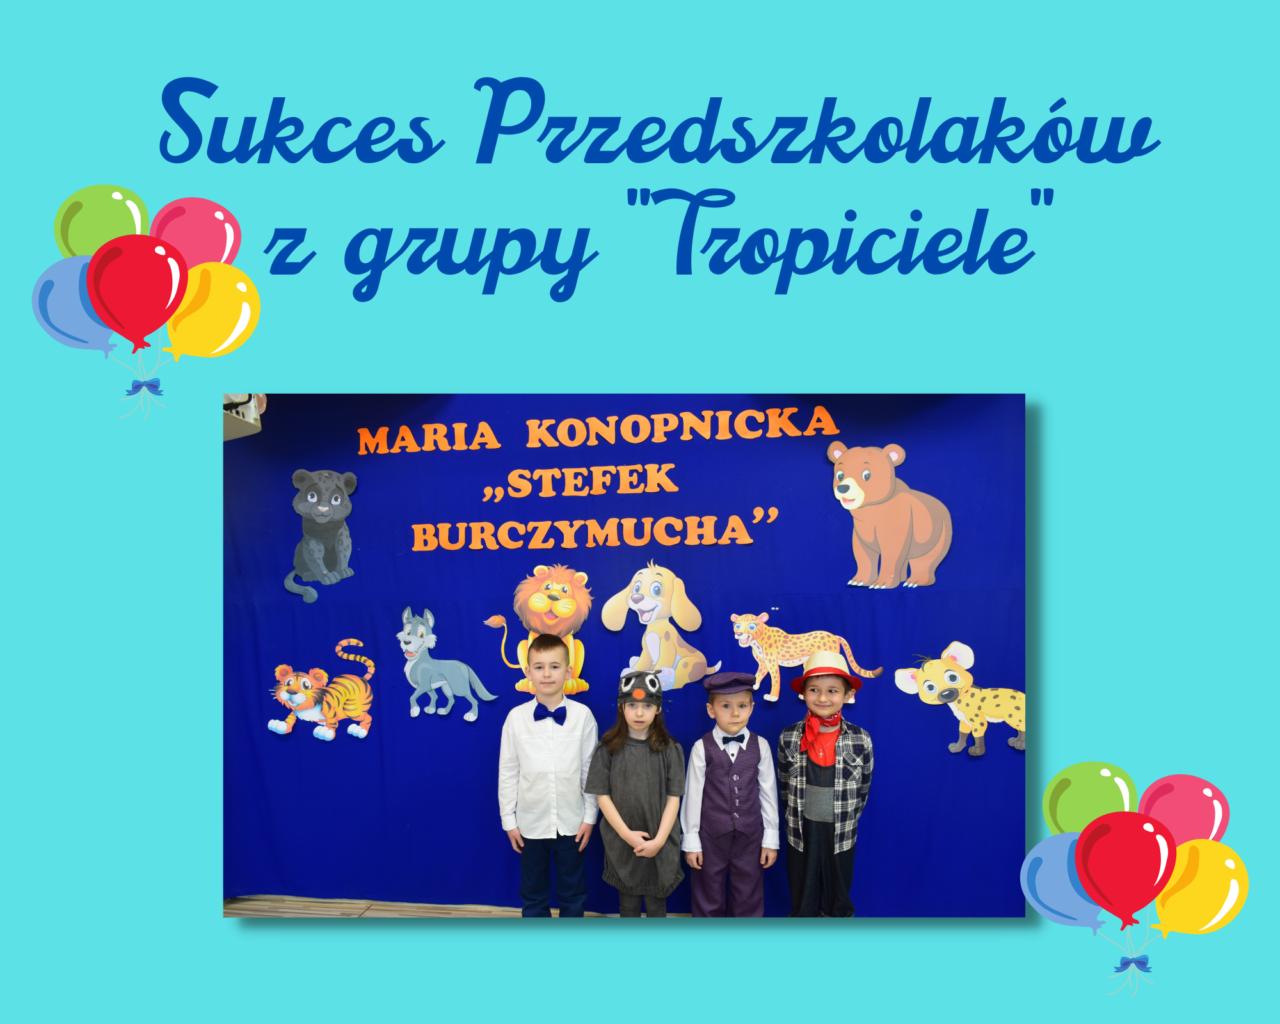 1. Sukces Przedszkolaków z grupy _Tropiciele_